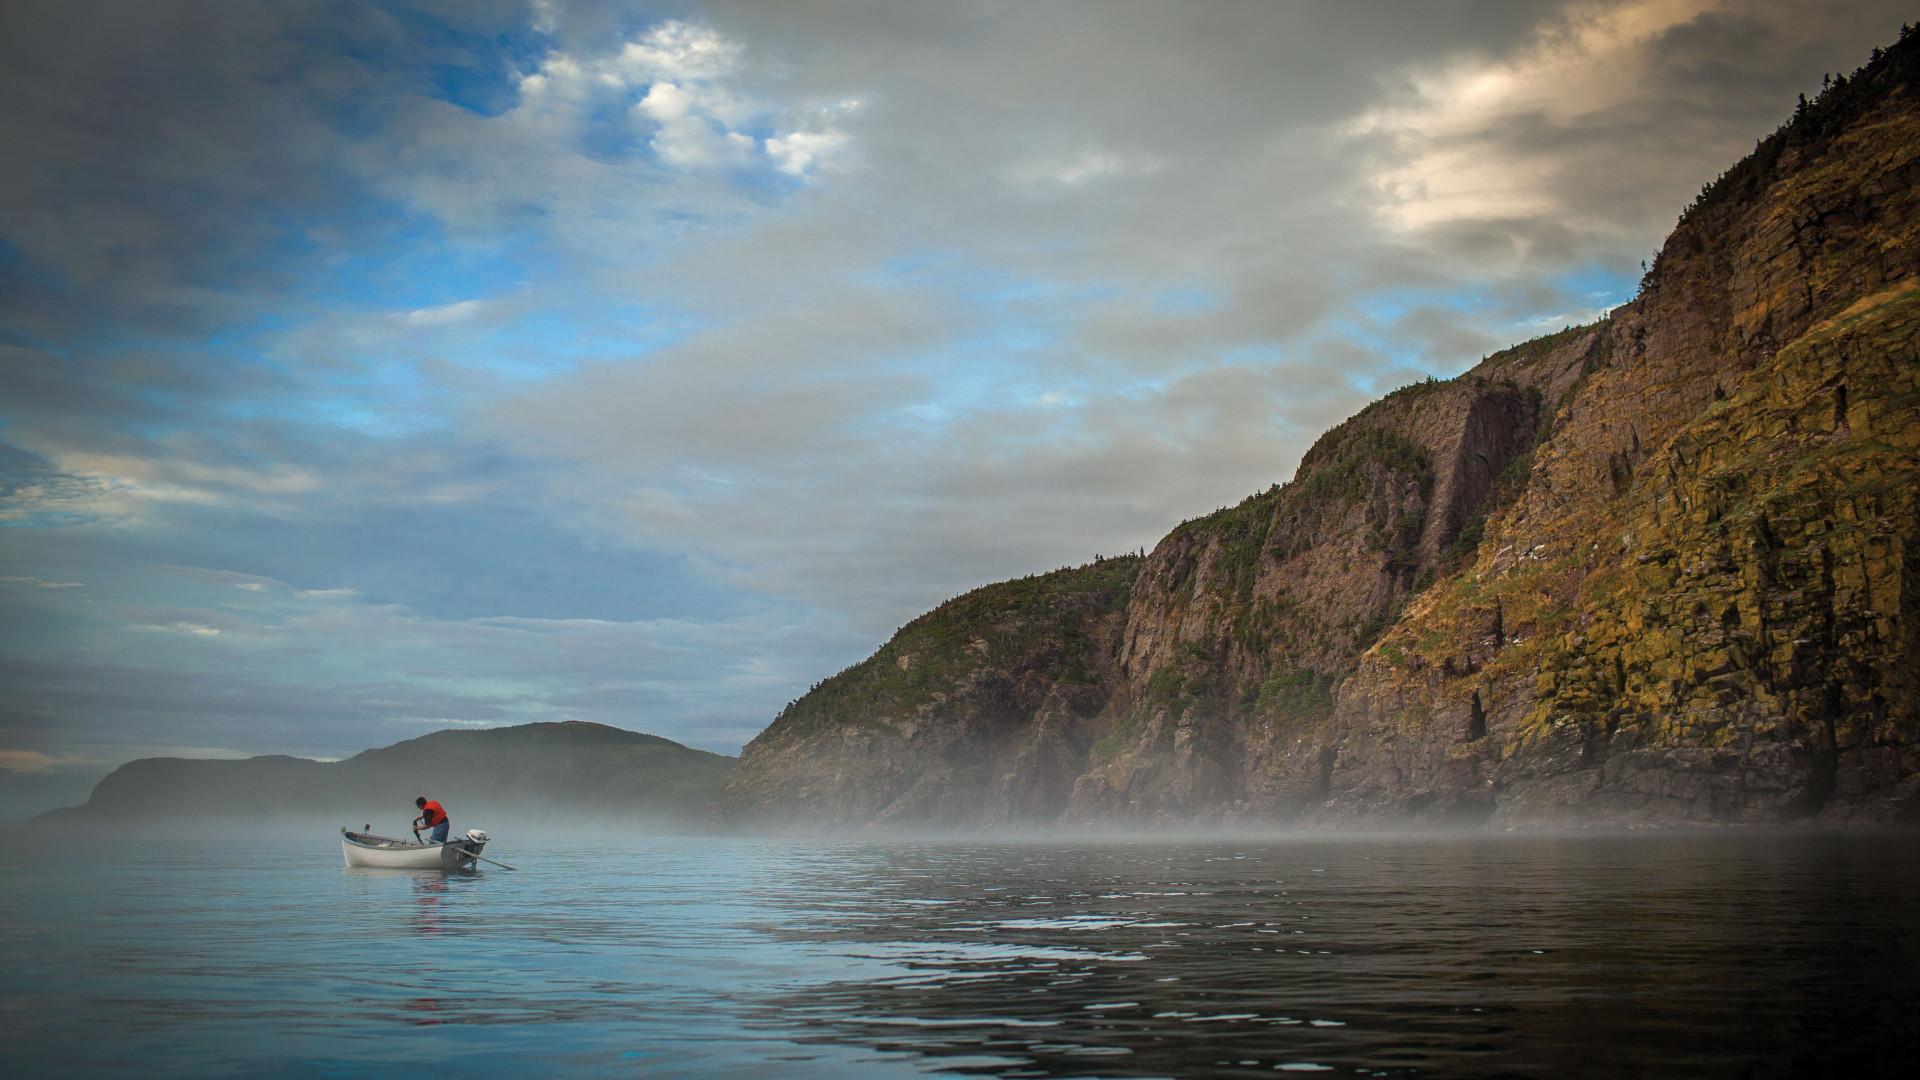 Cod fishing in Newfoundland, Canada